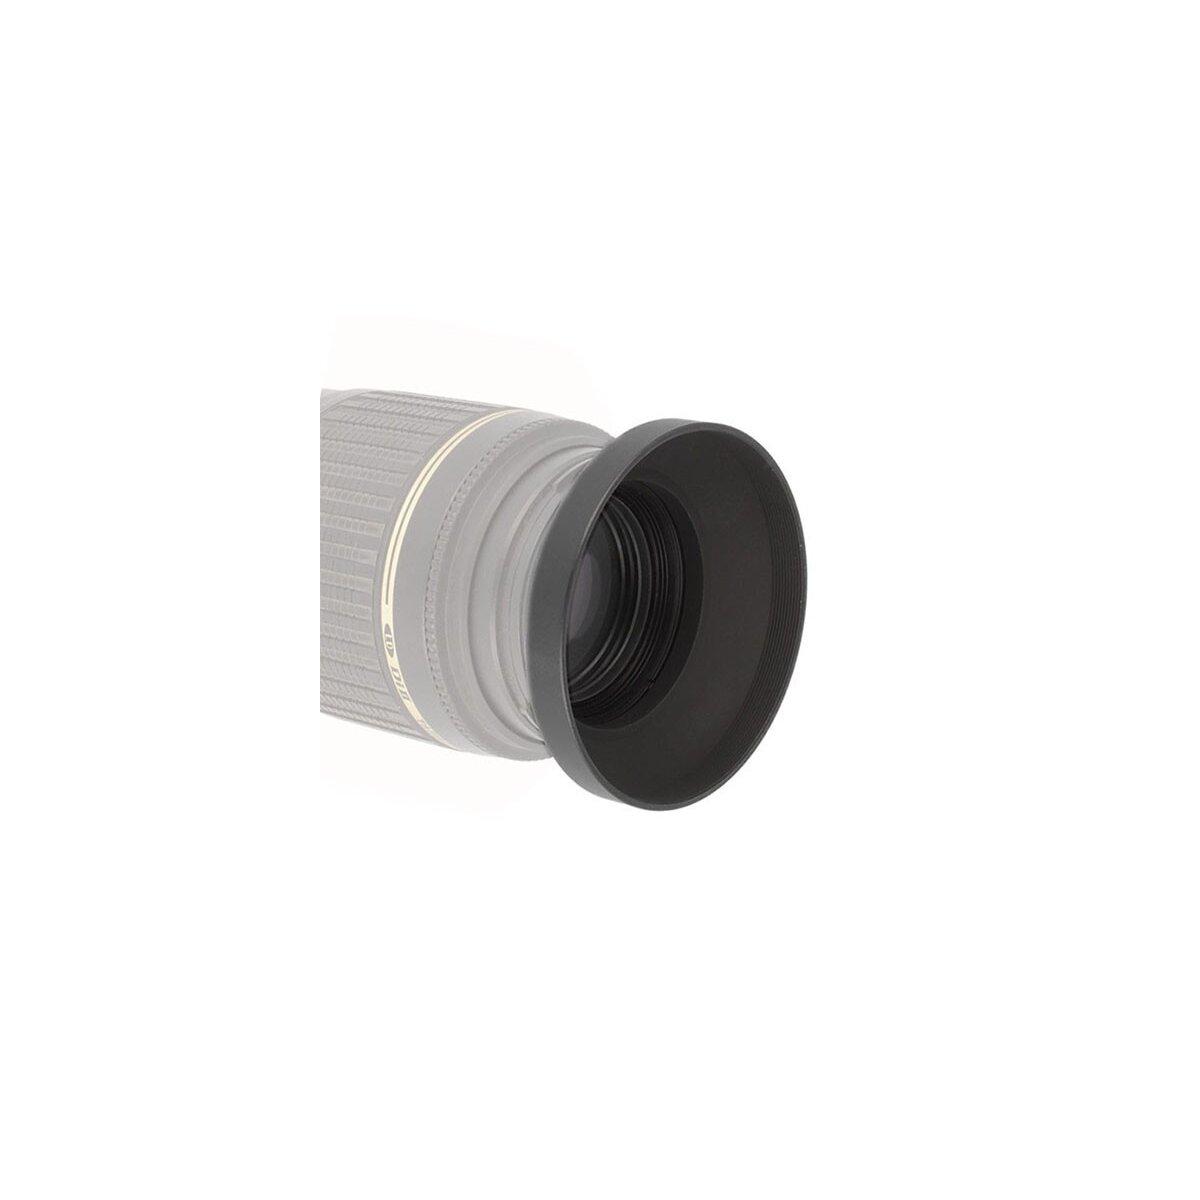 Weitwinkel Sonnenblende / Gegenlichtblende 58mm - Aluminium